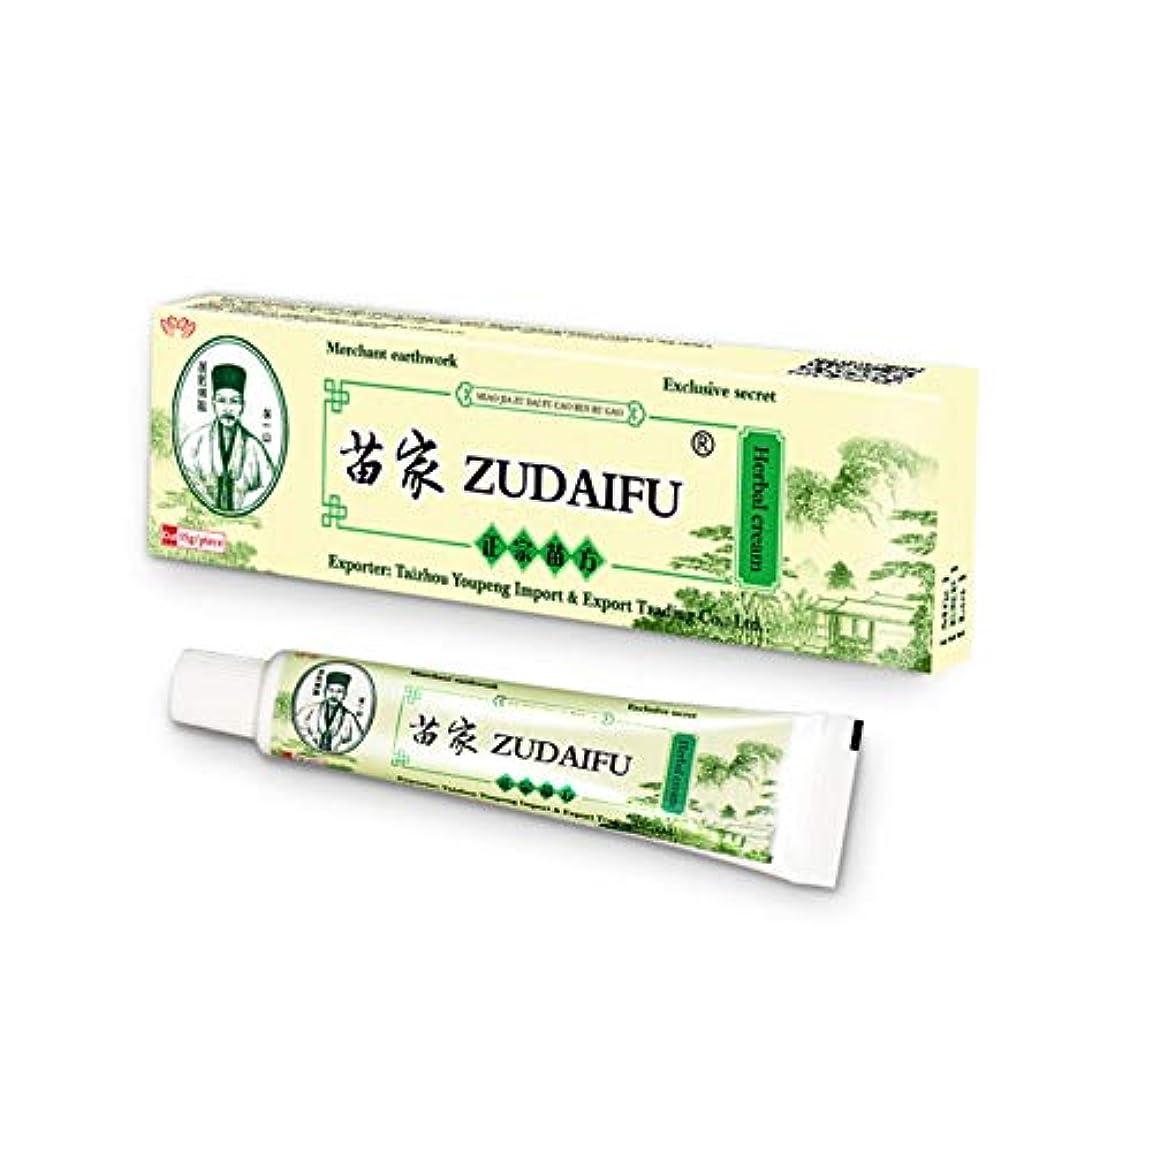 精巧な称賛湿原植物ハーブ 軟膏 漢方薬 天然植物成分 抗菌クリーム かゆみ 湿疹 皮膚炎 痛み対策 Ammbous